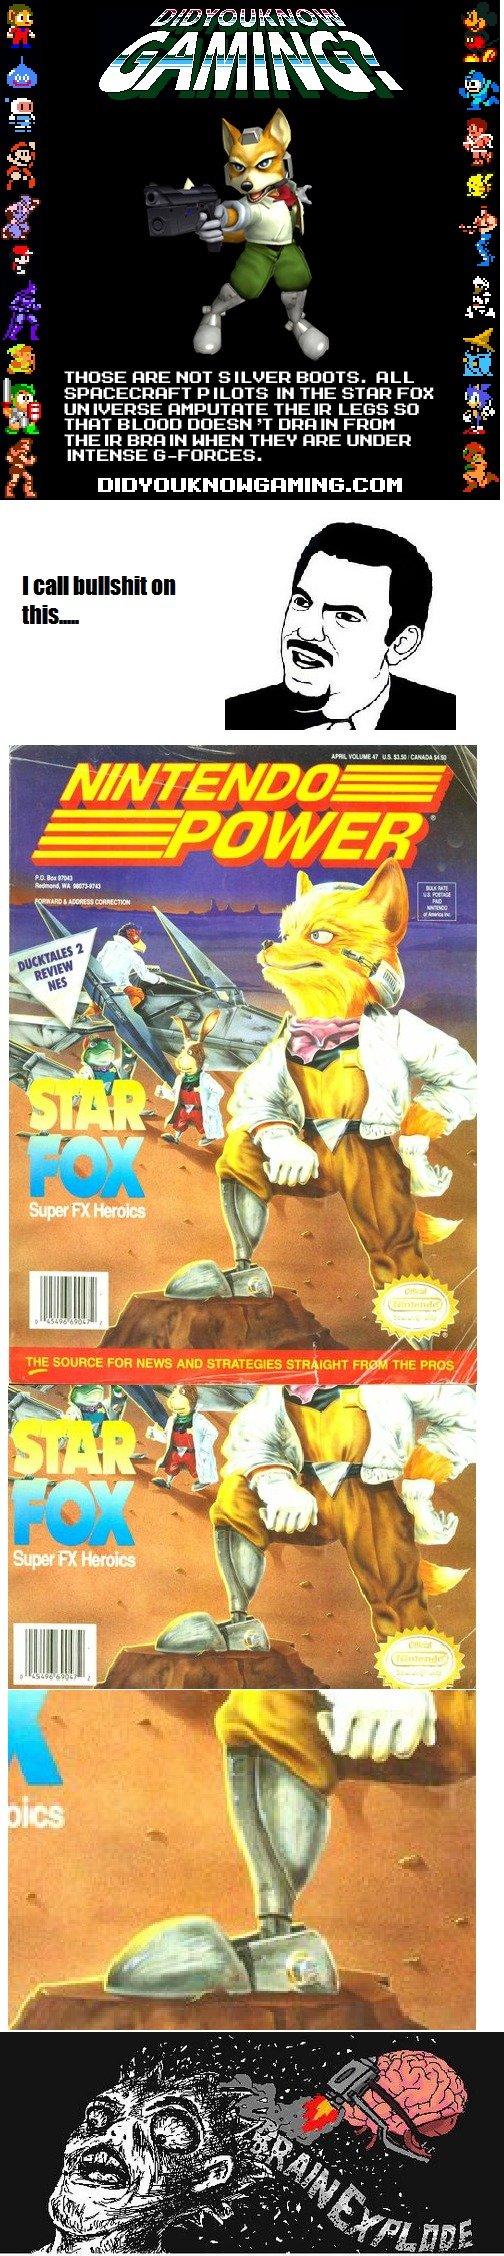 StarFox is a Crippled. .....MFW. All 4' l THEIER FIRE HUT s; CLVER BEETS. FILL Ls,., ID IN THE BTW} FIJI'S all Iii? ll. -FERER Fil' ' UTAITE THE In LEGS so sait StarFox is a Crippled MFW All 4' l THEIER FIRE HUT s; CLVER BEETS FILL Ls ID IN THE BTW} FIJI'S all Iii? ll -FERER Fil' ' UTAITE In LEGS so sait